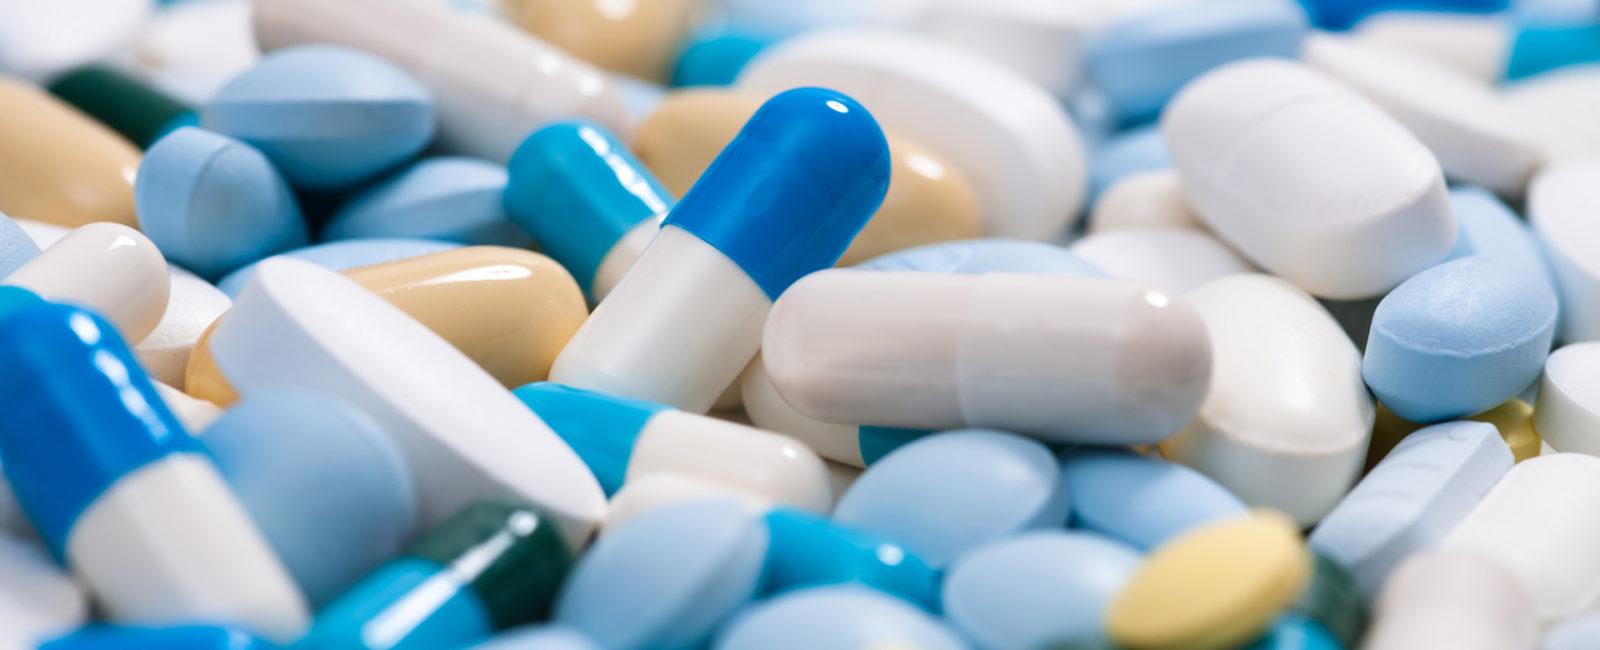 Darmfloraschutz nach Antibiotikaeinnahme Medikamentenfoto